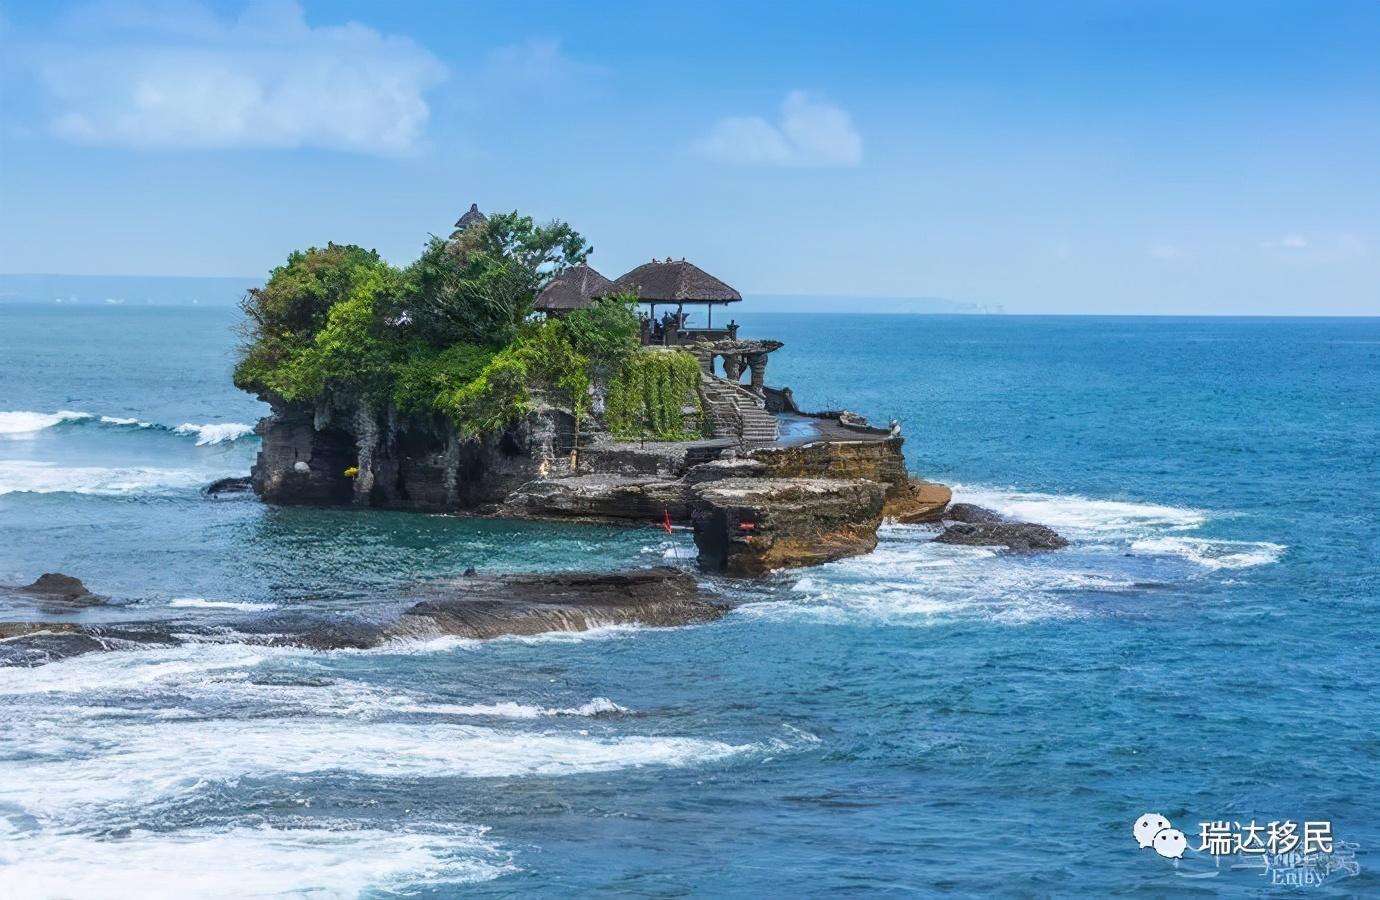 印度尼西亚已经成为最有潜力的投资市场之一